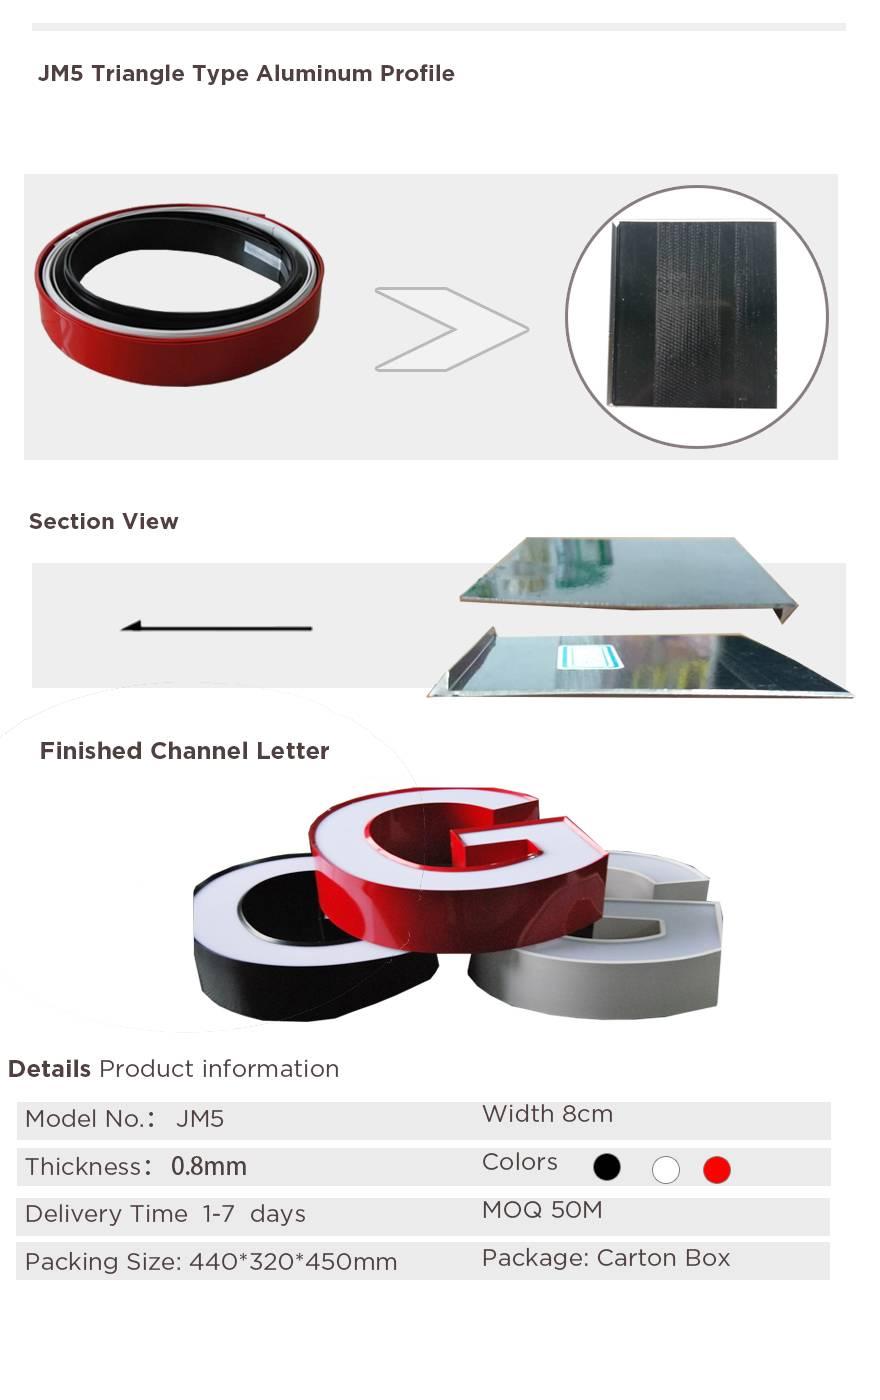 channel letter trim cap aluminum profile for channel letter making